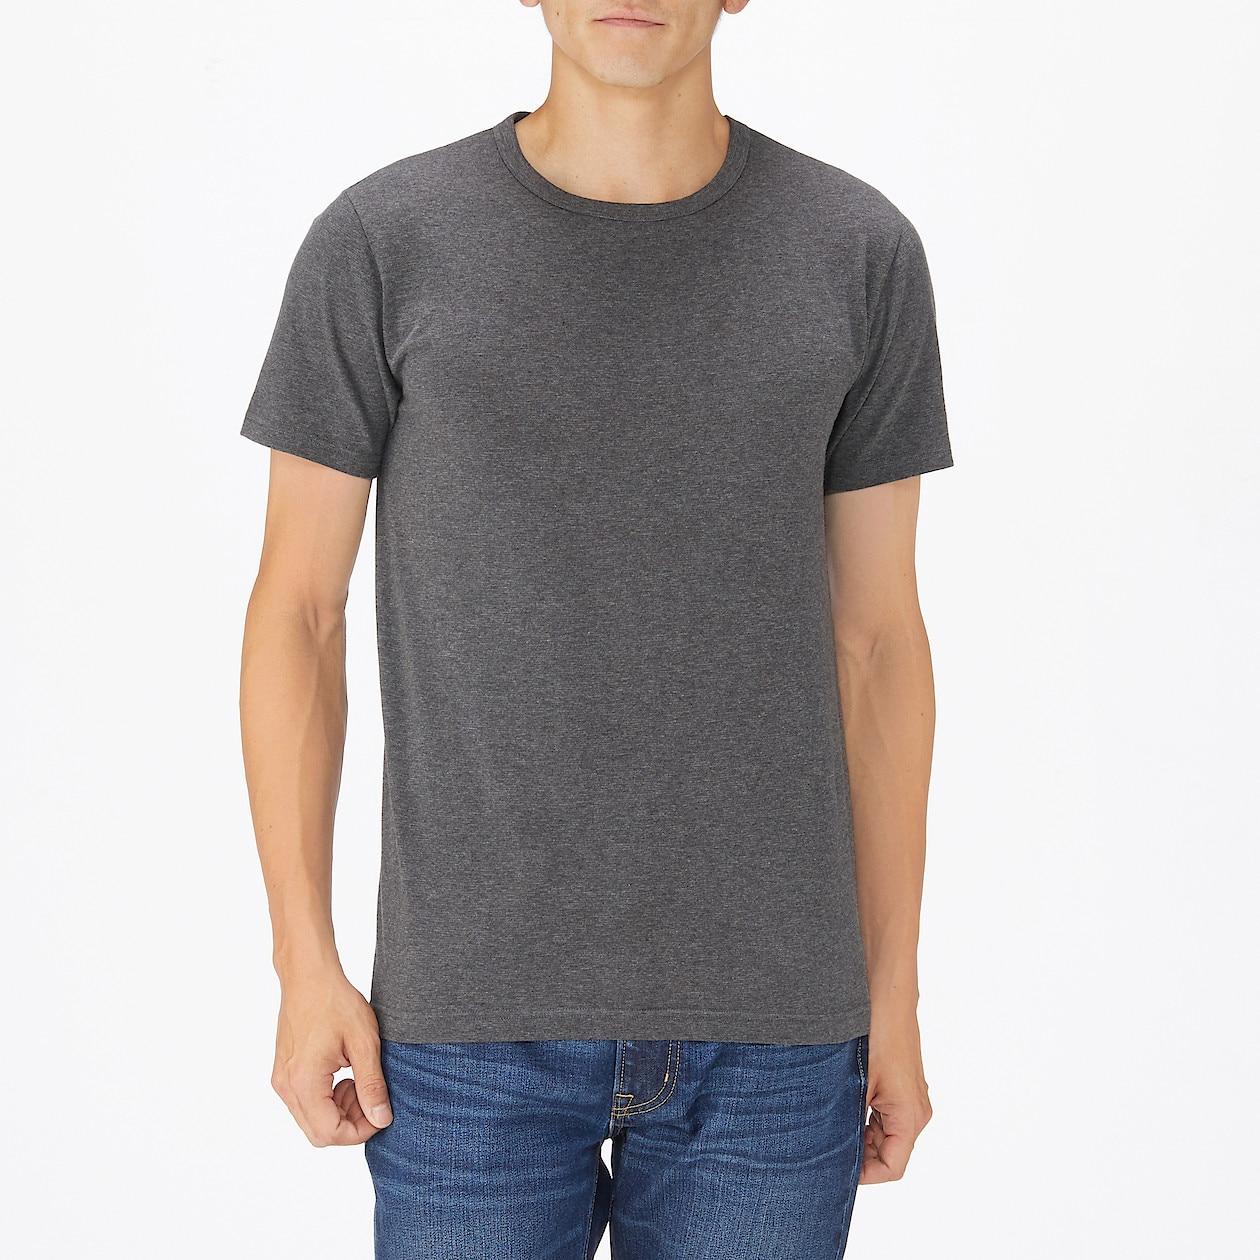 綿であったかクルーネック半袖Tシャツ